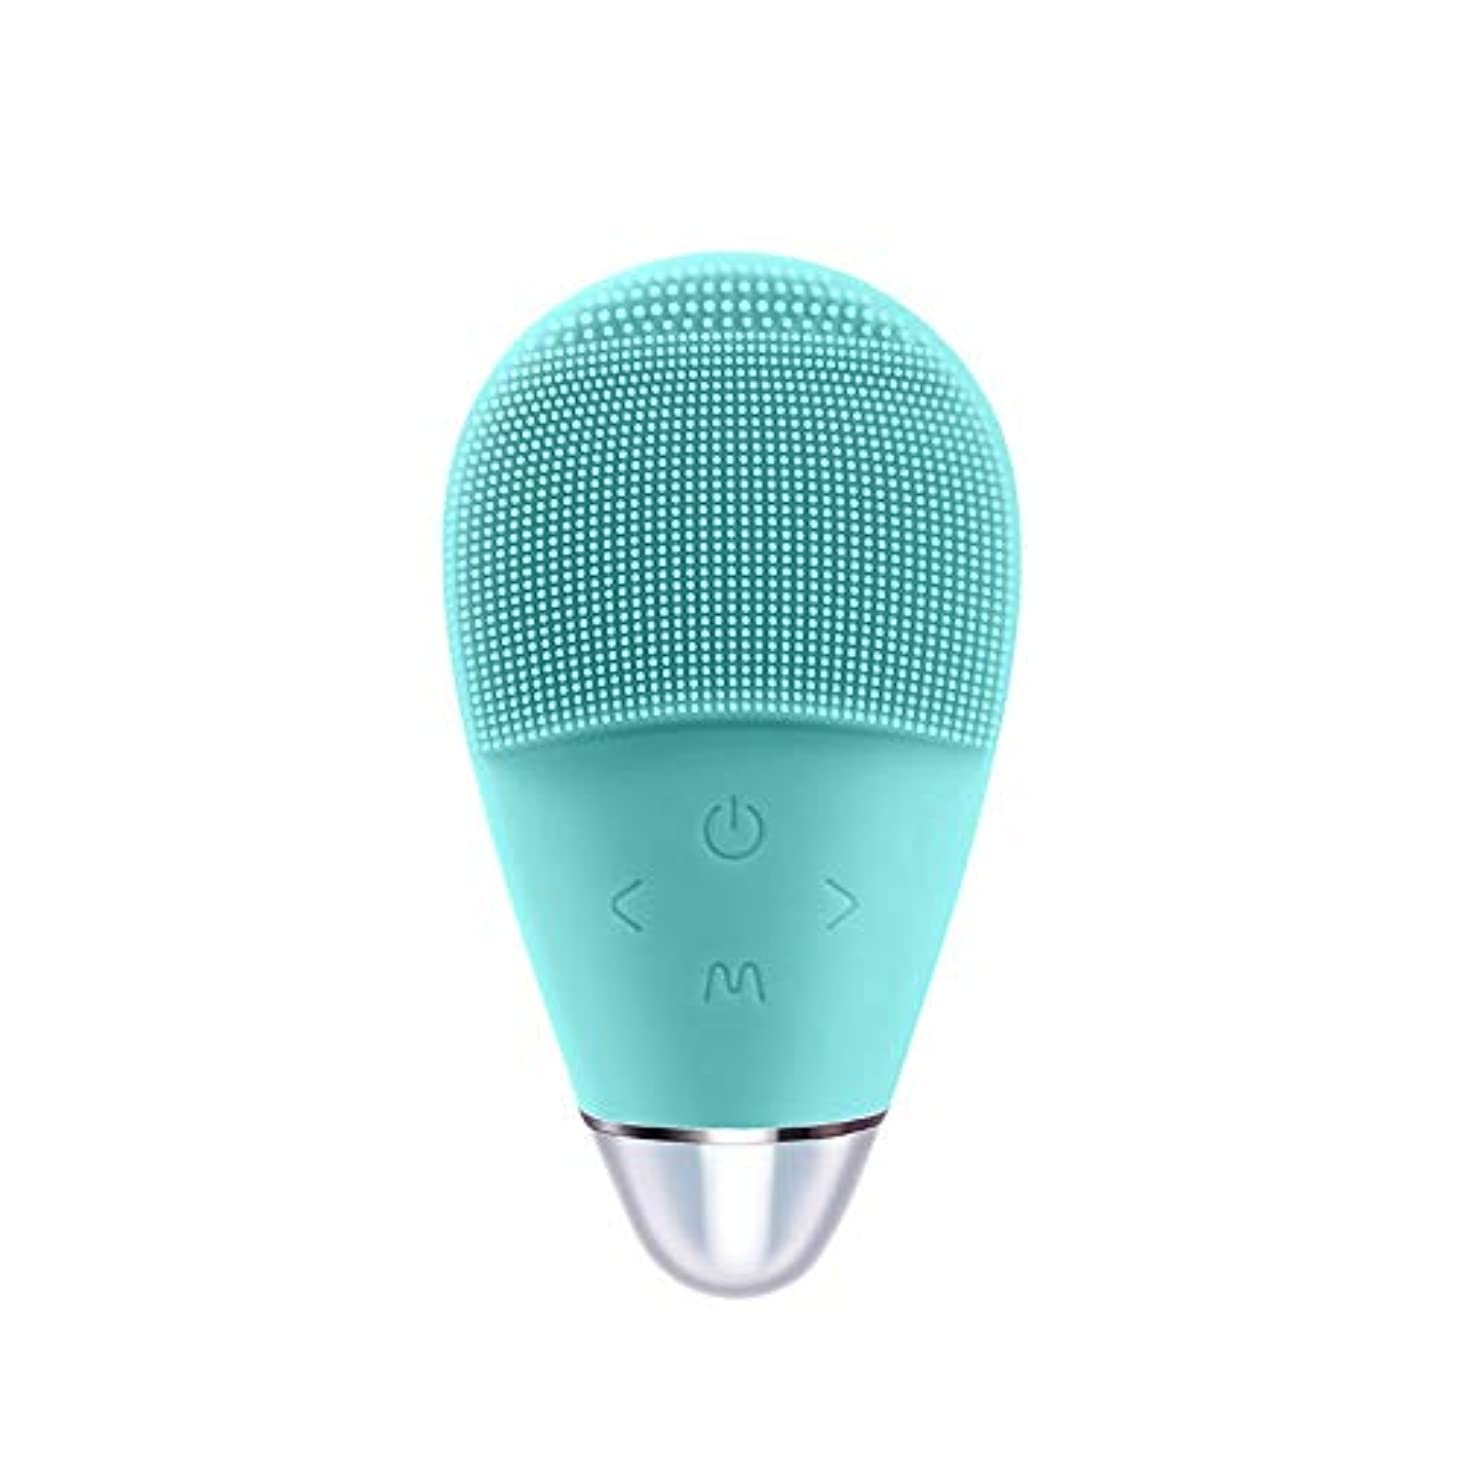 裕福な時期尚早ブランドシリコーン洗浄器具電気洗濯機超音波美容器具顔の毛穴クリーナー (Color : Blue)